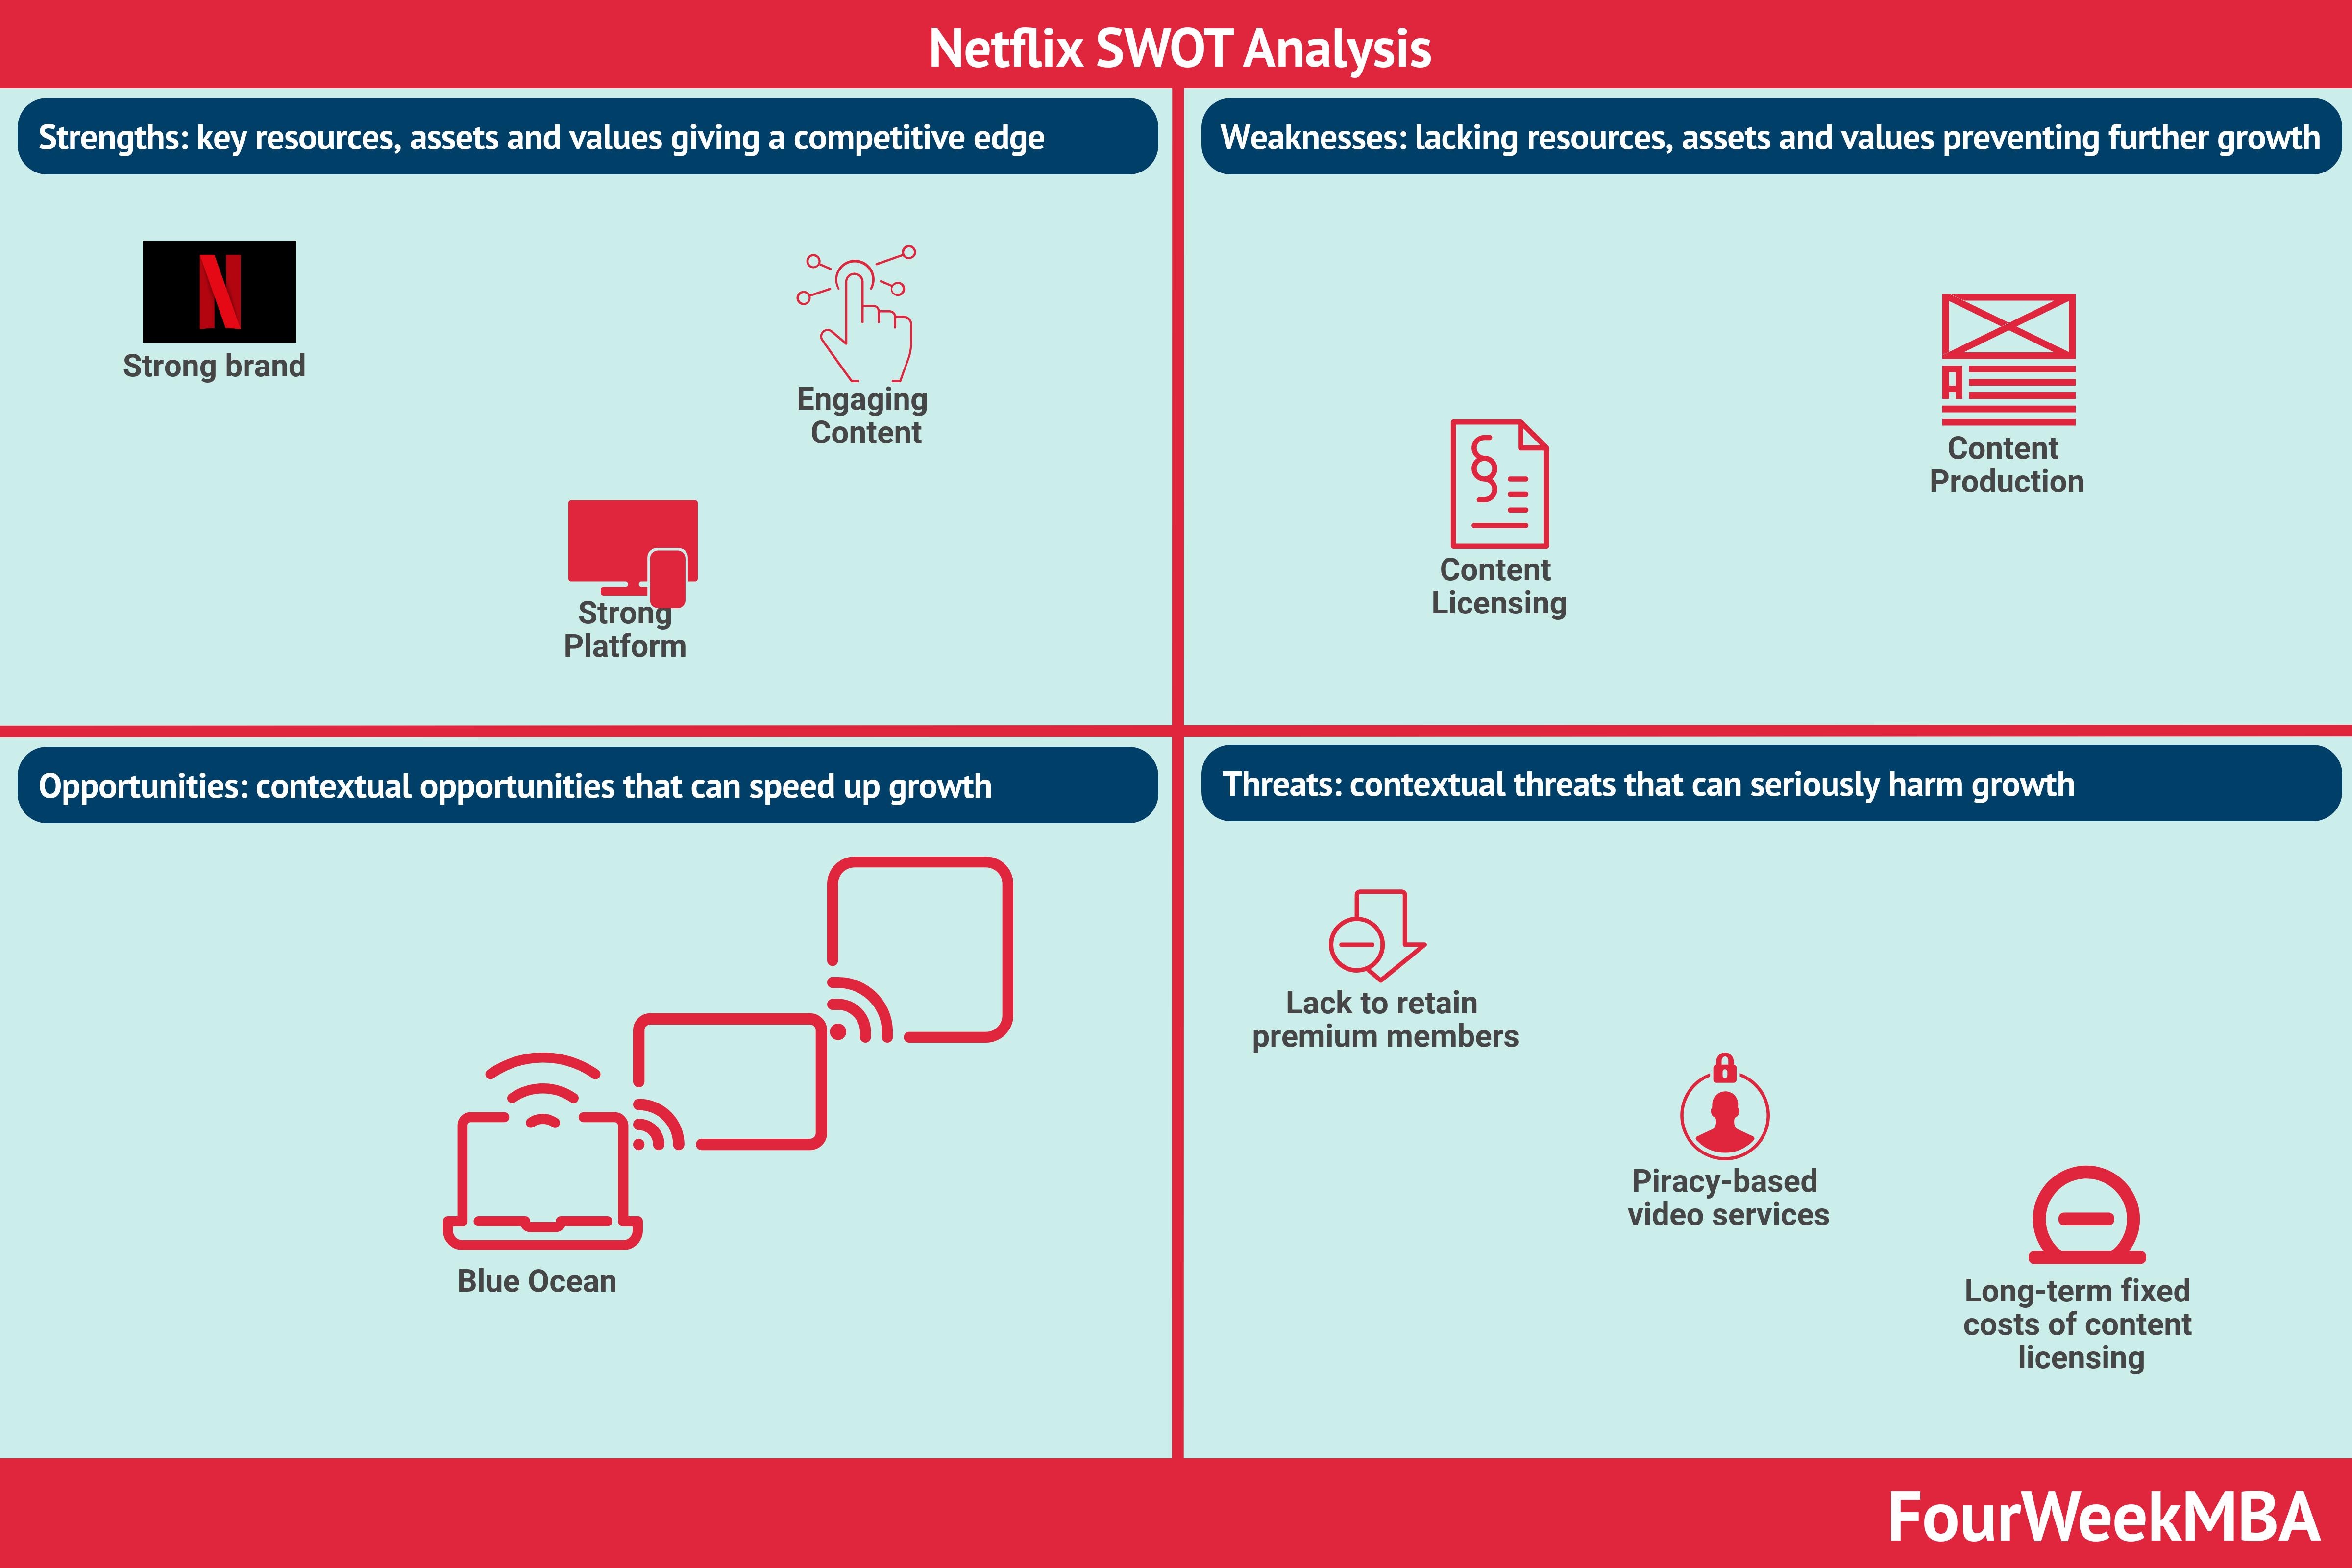 netflix-swot-analysis